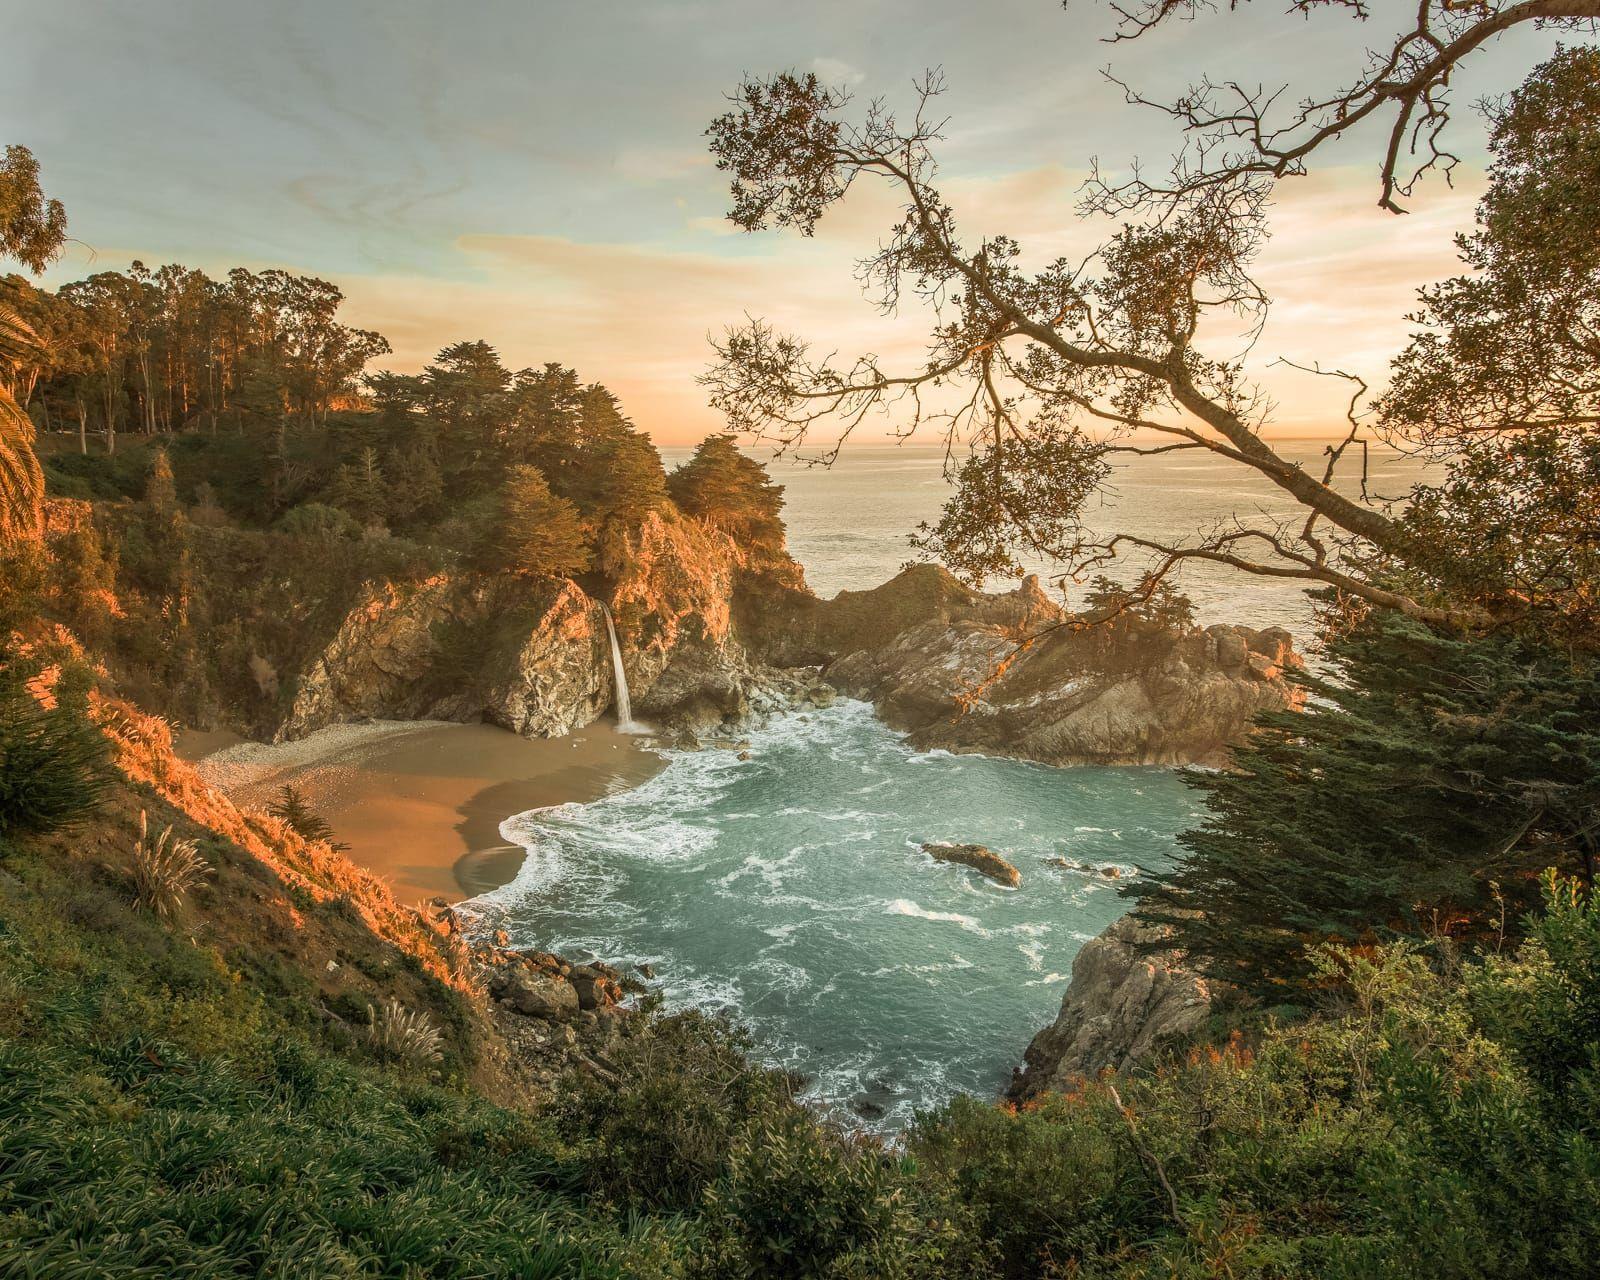 Tahoe National Forests Best Kept Secret: The Emerald